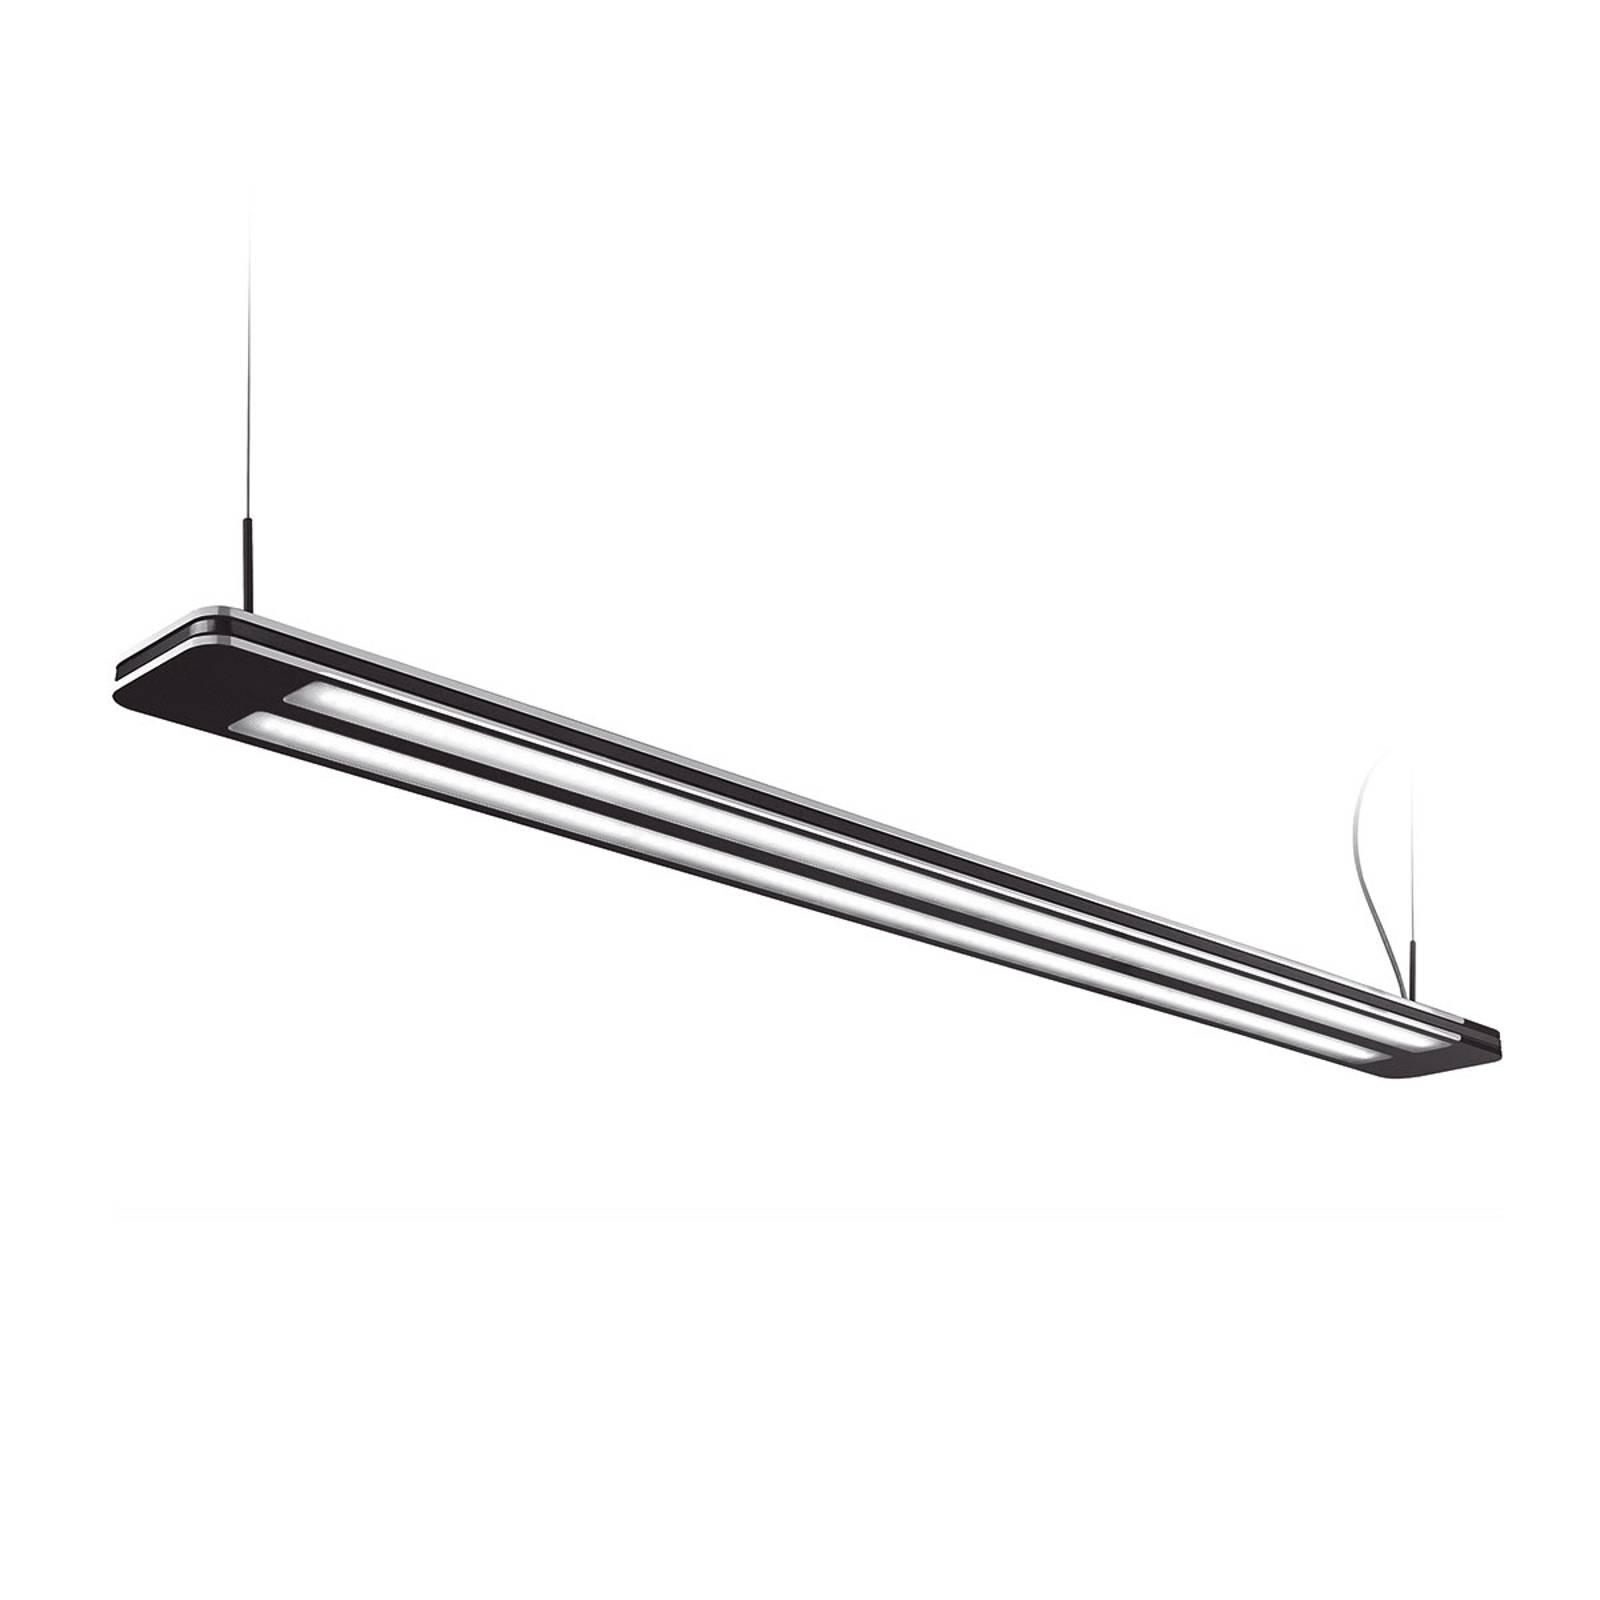 LED hanglamp Trentino II, 83 W, zwart